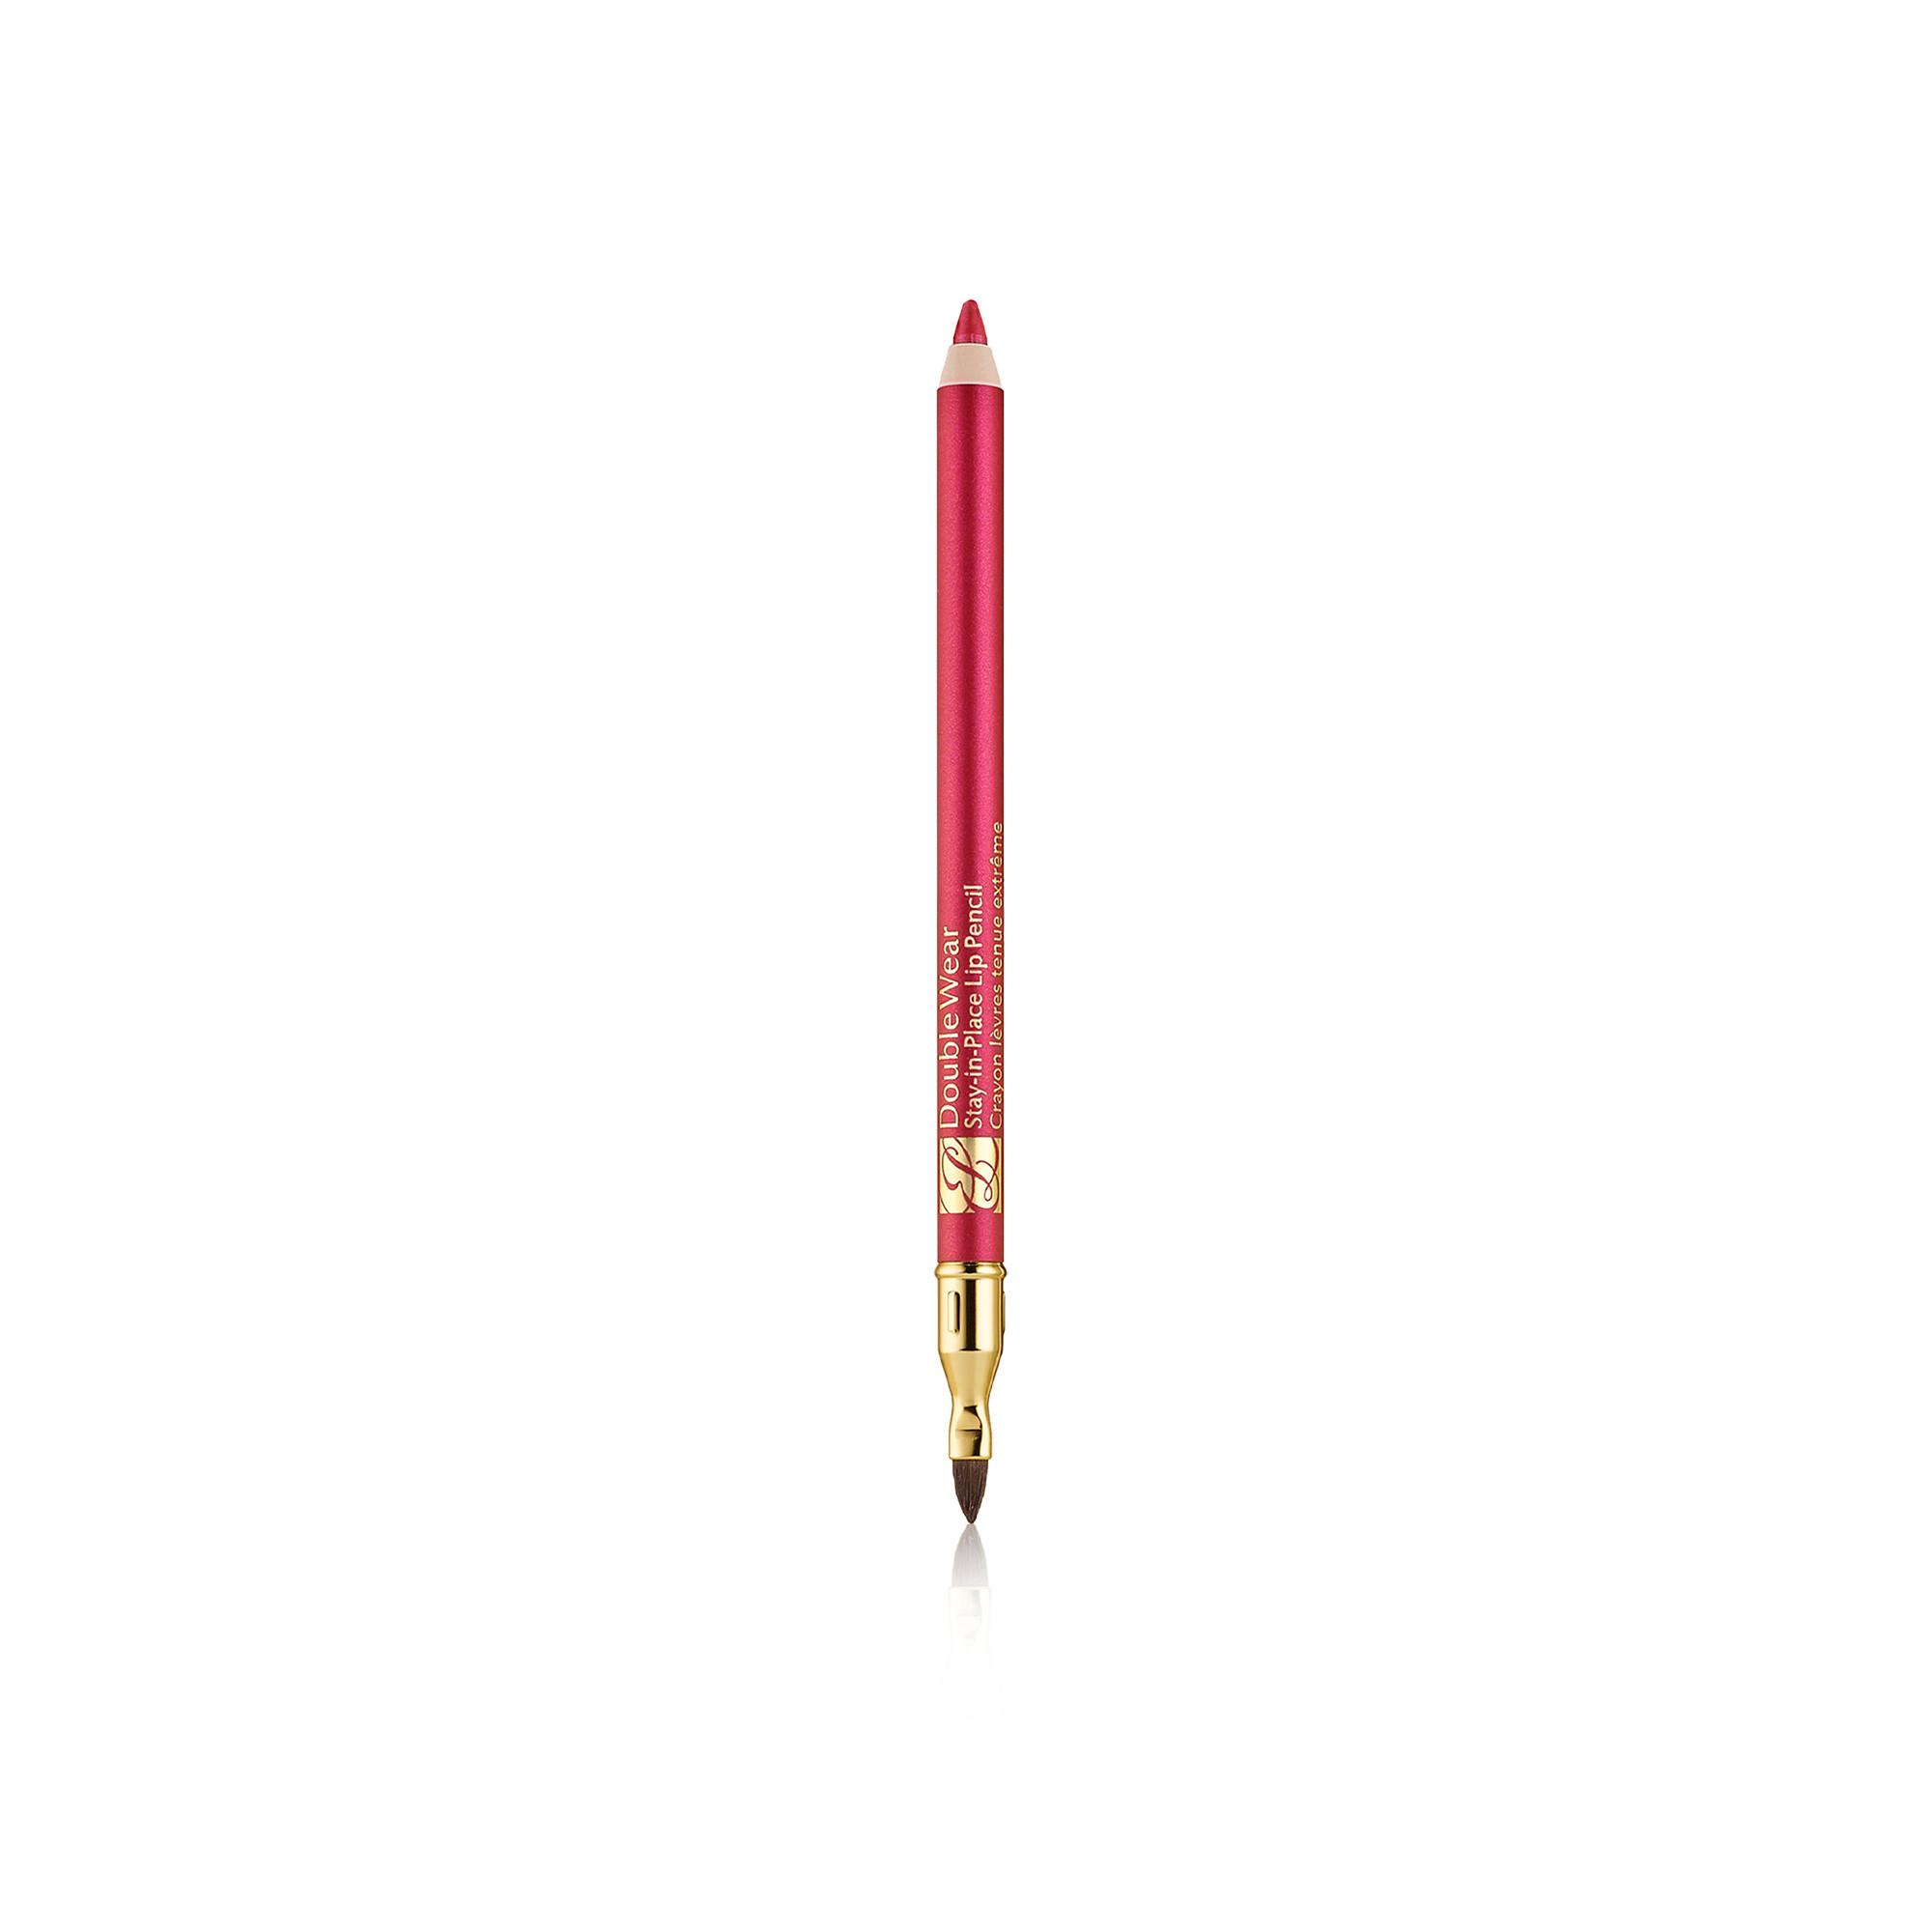 Estée Lauder double wear stay-in-place lip pencil - brick 1,2 g, BRICK, large image number 3